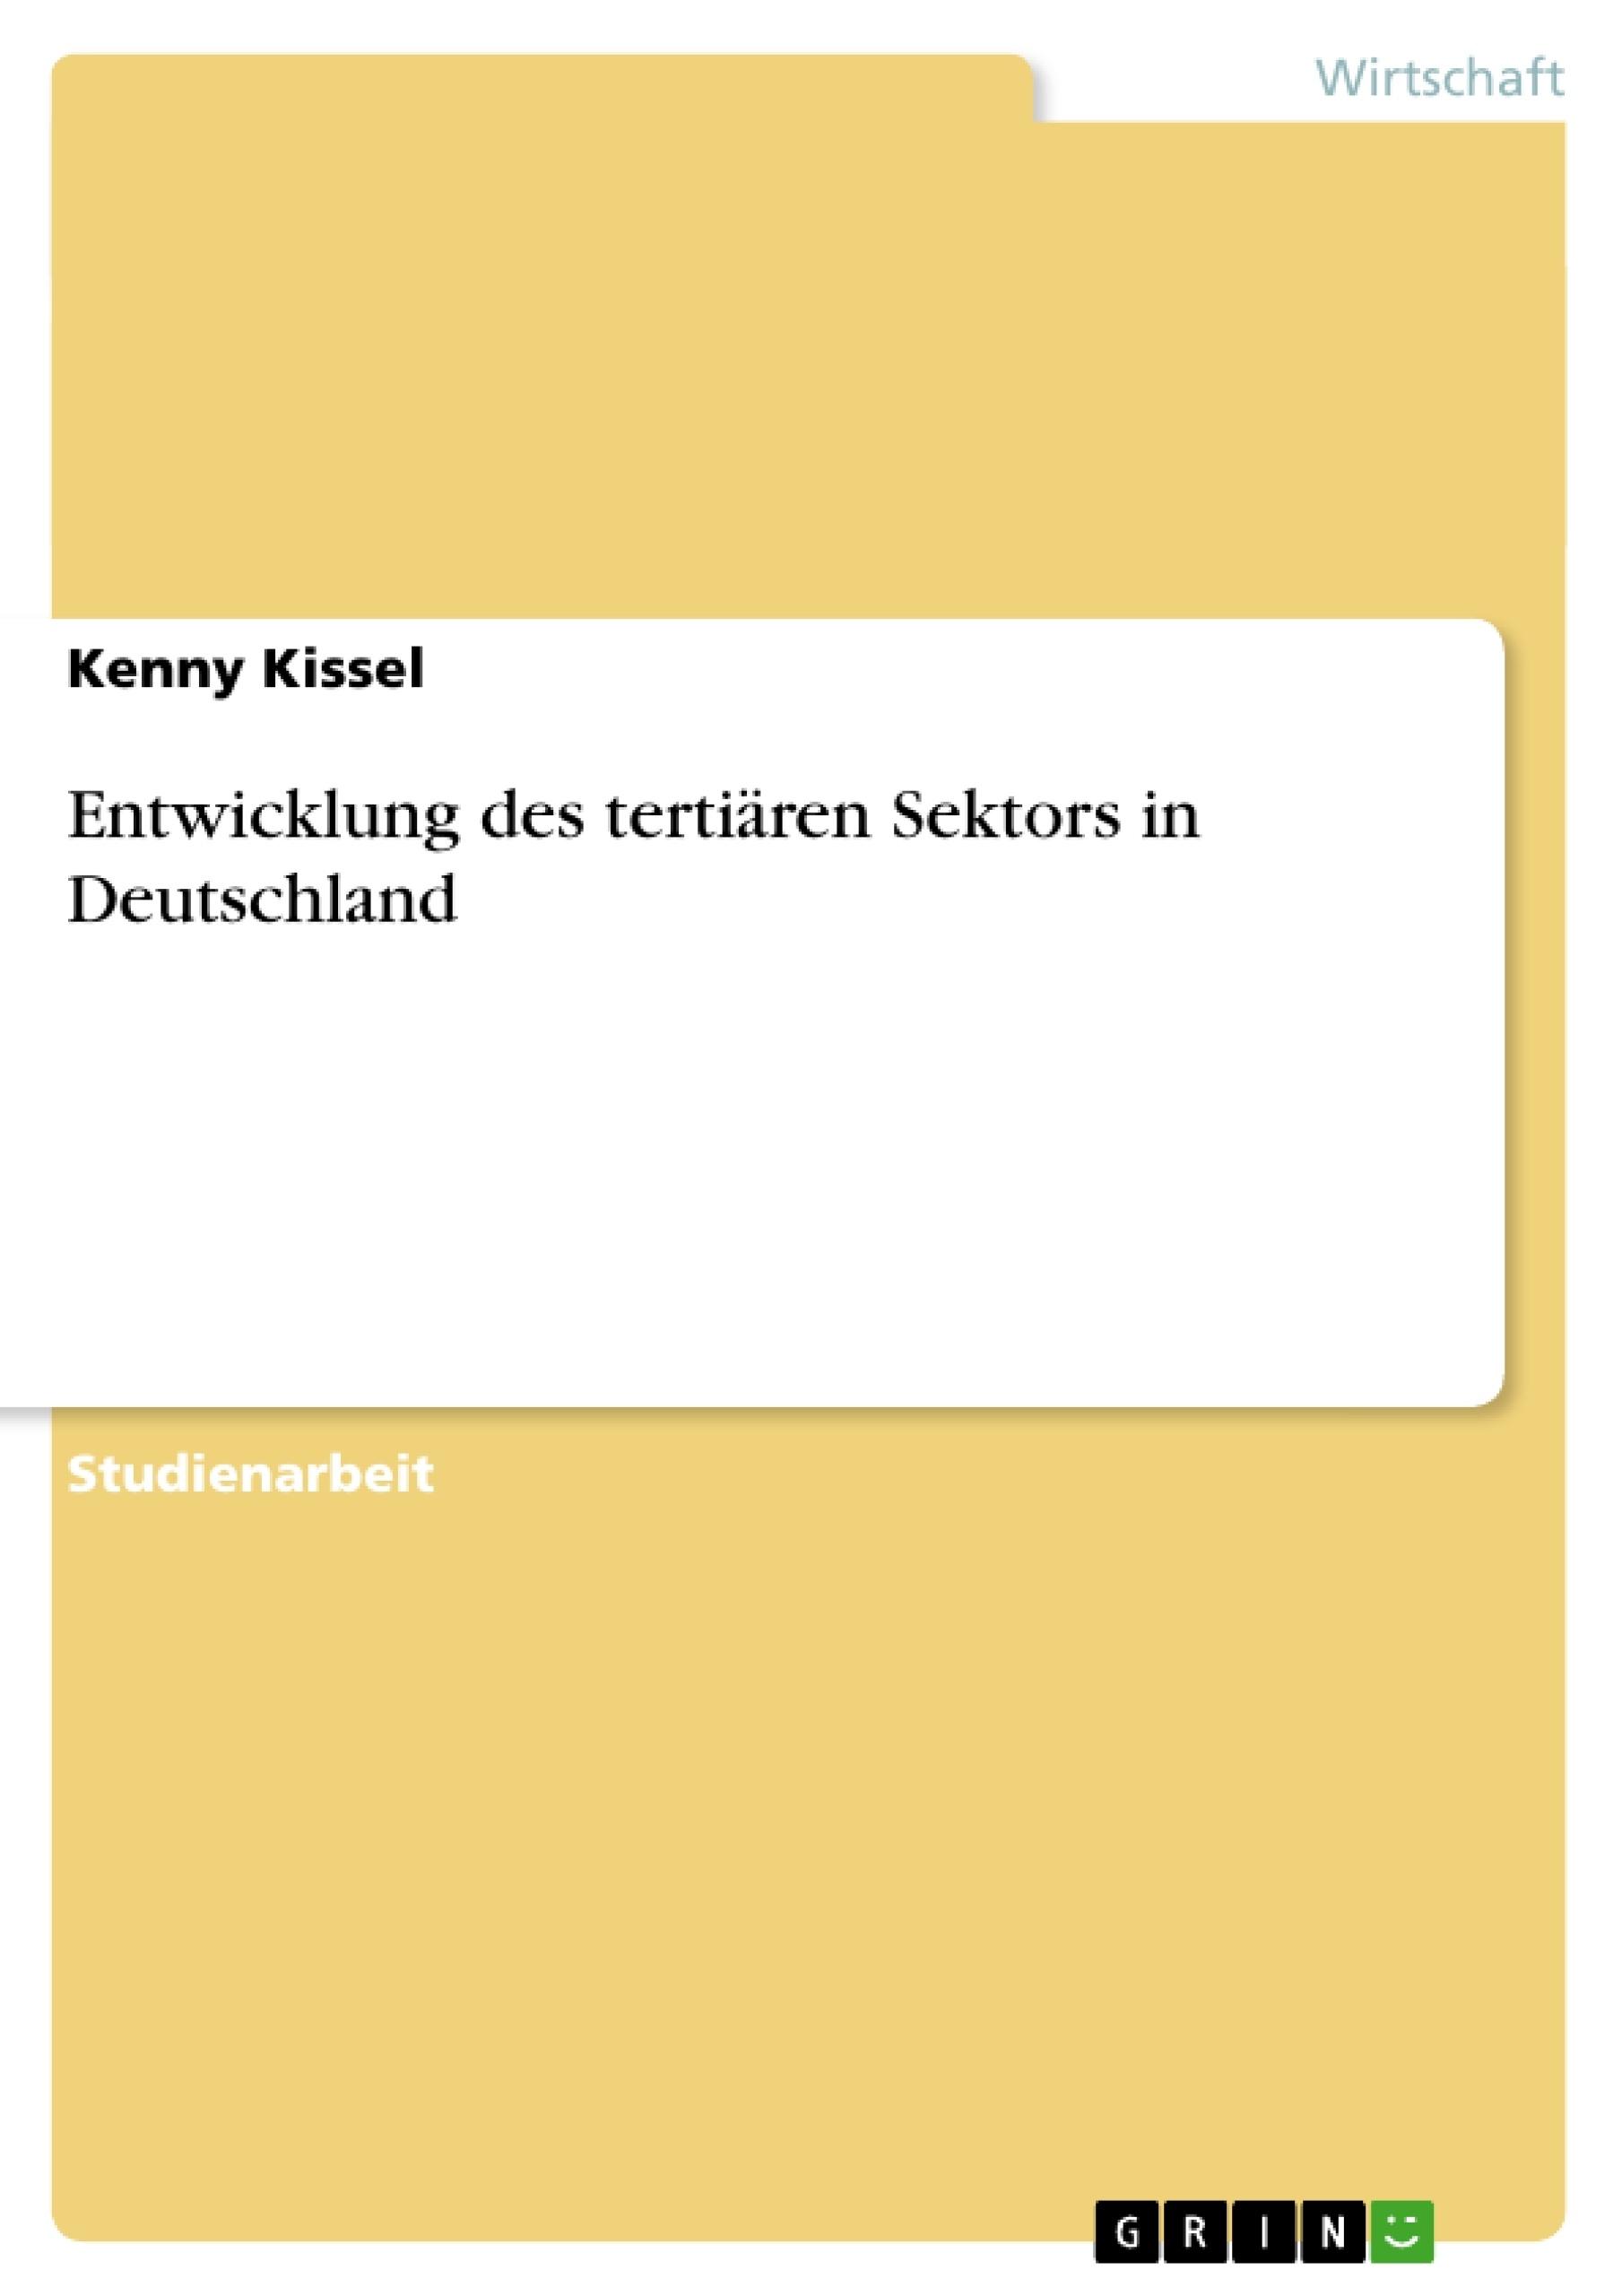 Titel: Entwicklung des tertiären Sektors in Deutschland